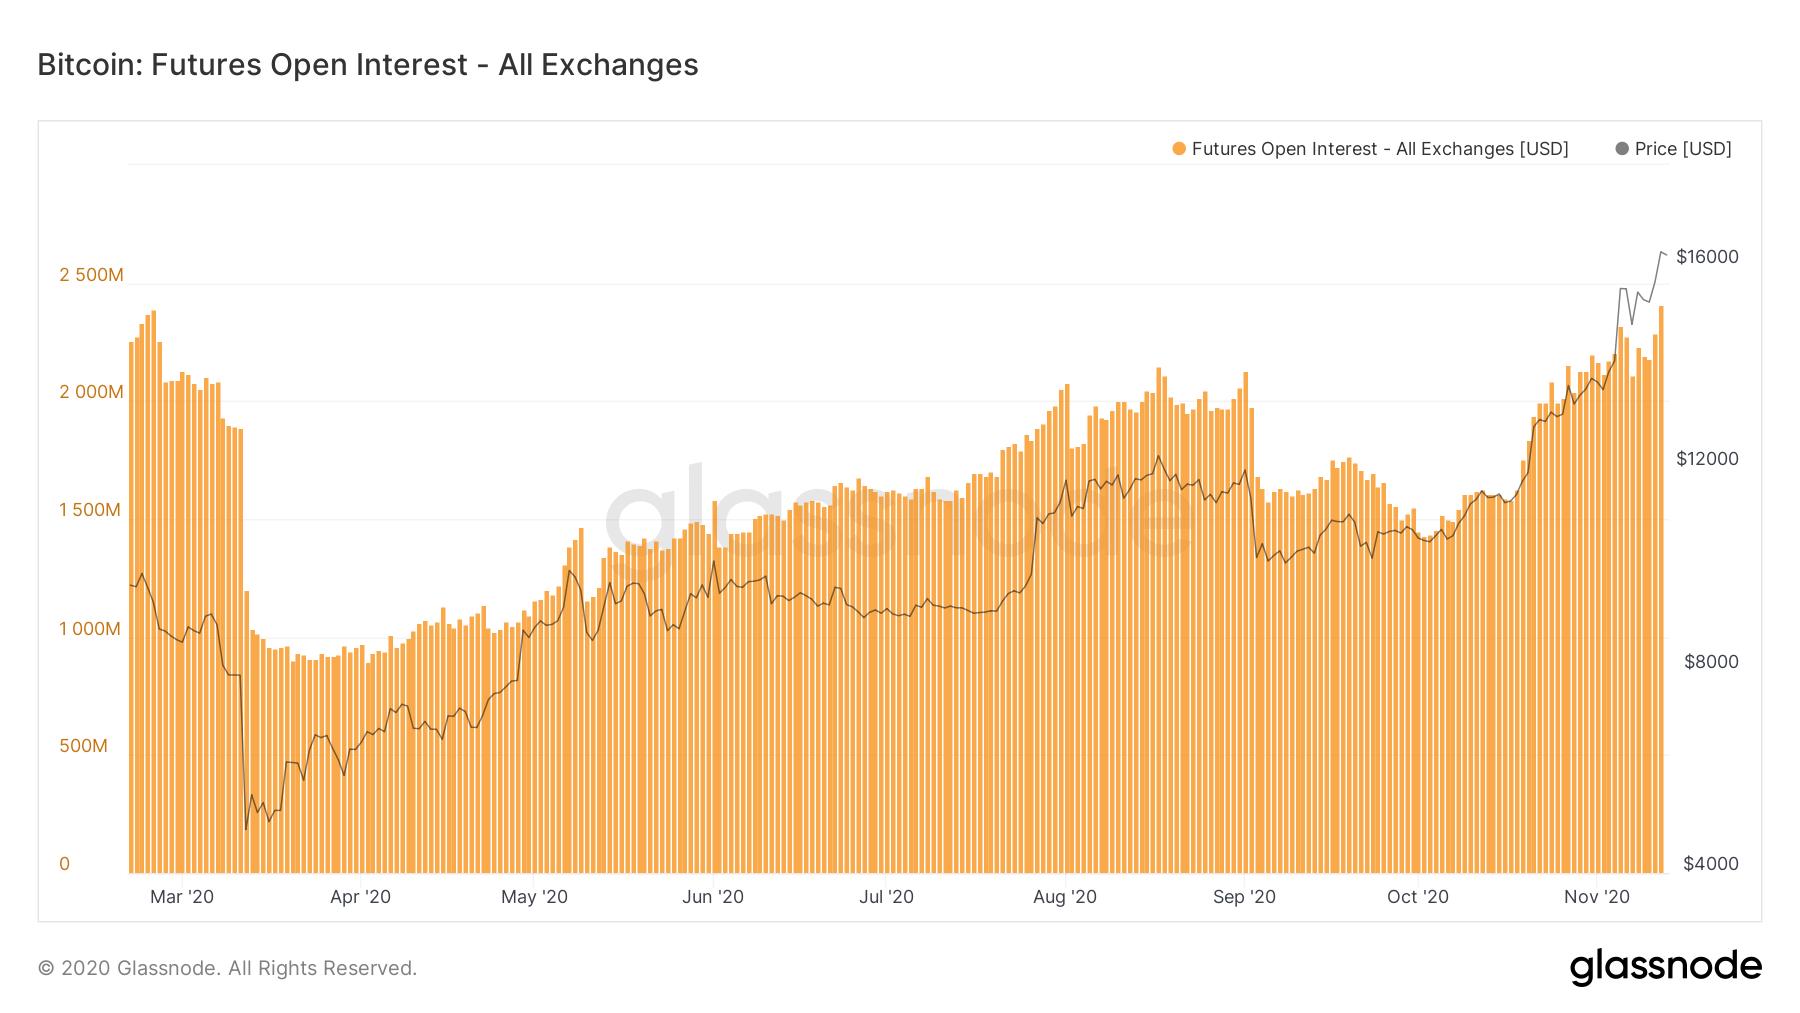 Открытый интерес по фьючерсам и опционам обновил максимумы на фоне роста биткоина